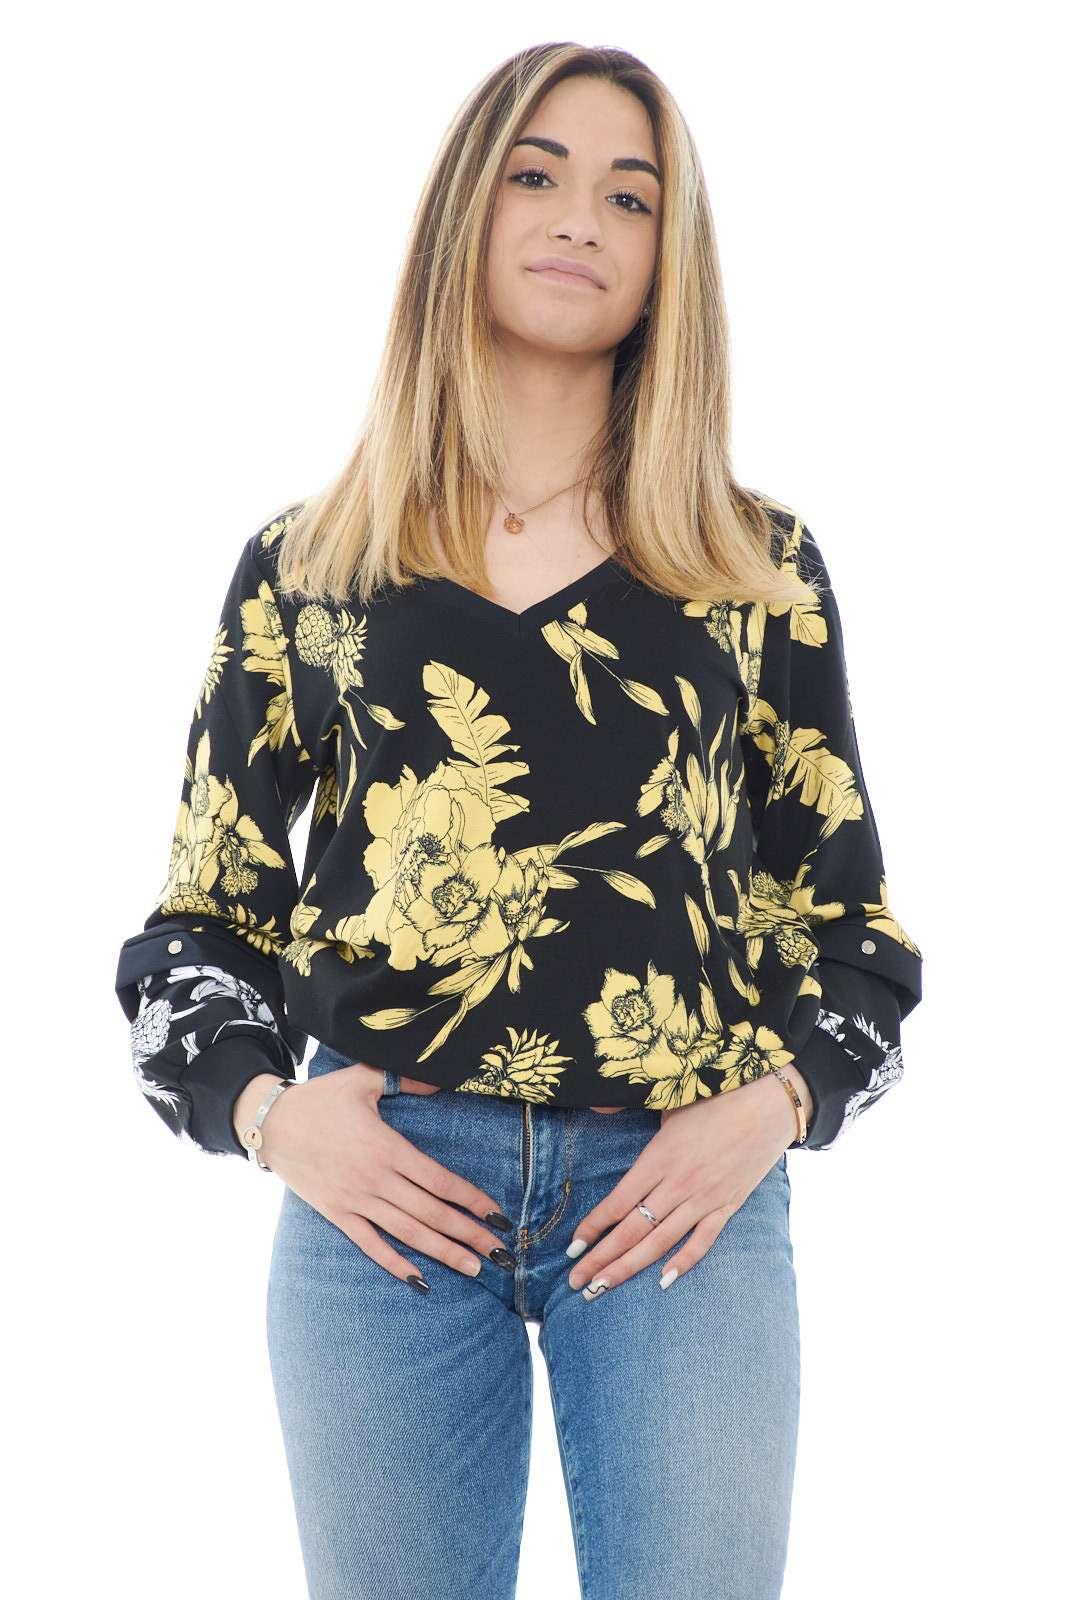 Una felpa versatile quella proposta dalla new collection donna Liu Jo. La manica parzialmente removibile la rende indossabile anche nelle giornate estive per mantenere uno stile glamour e casual. Un essential della moda donna per gli outfit quotidiani.